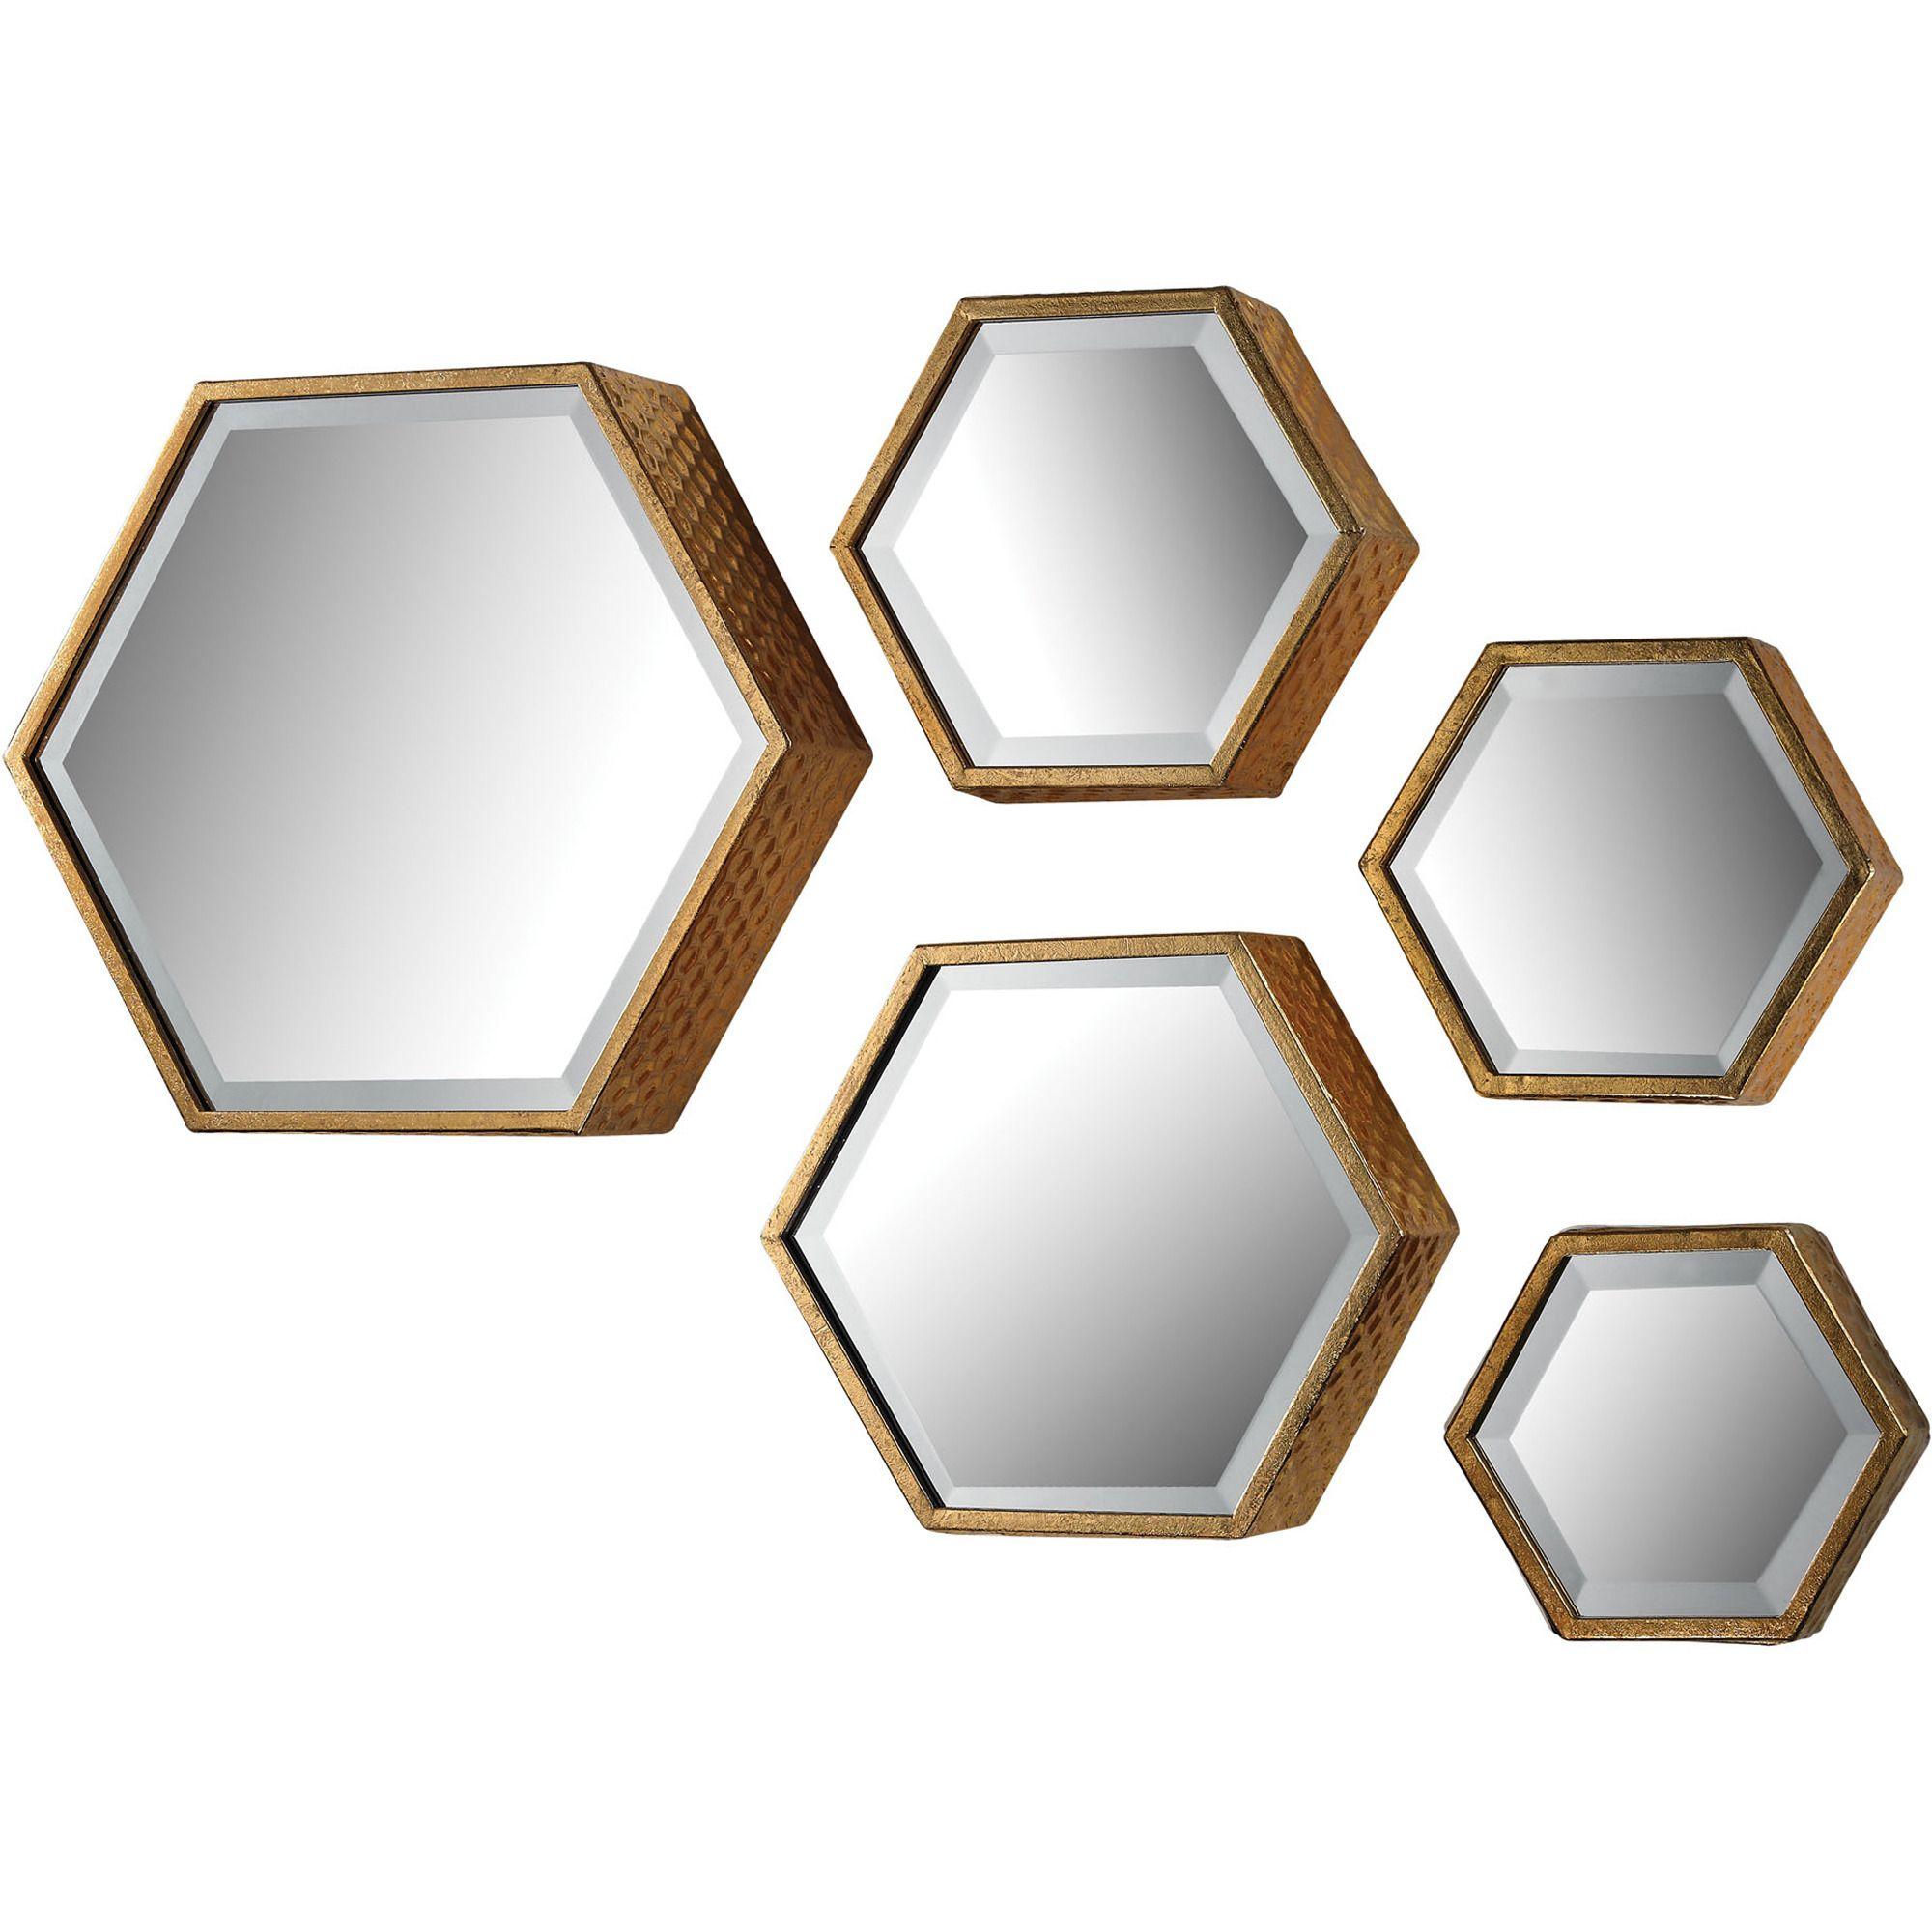 Sterling Industries Hexagonal Beveled Mirror  Set Of 5